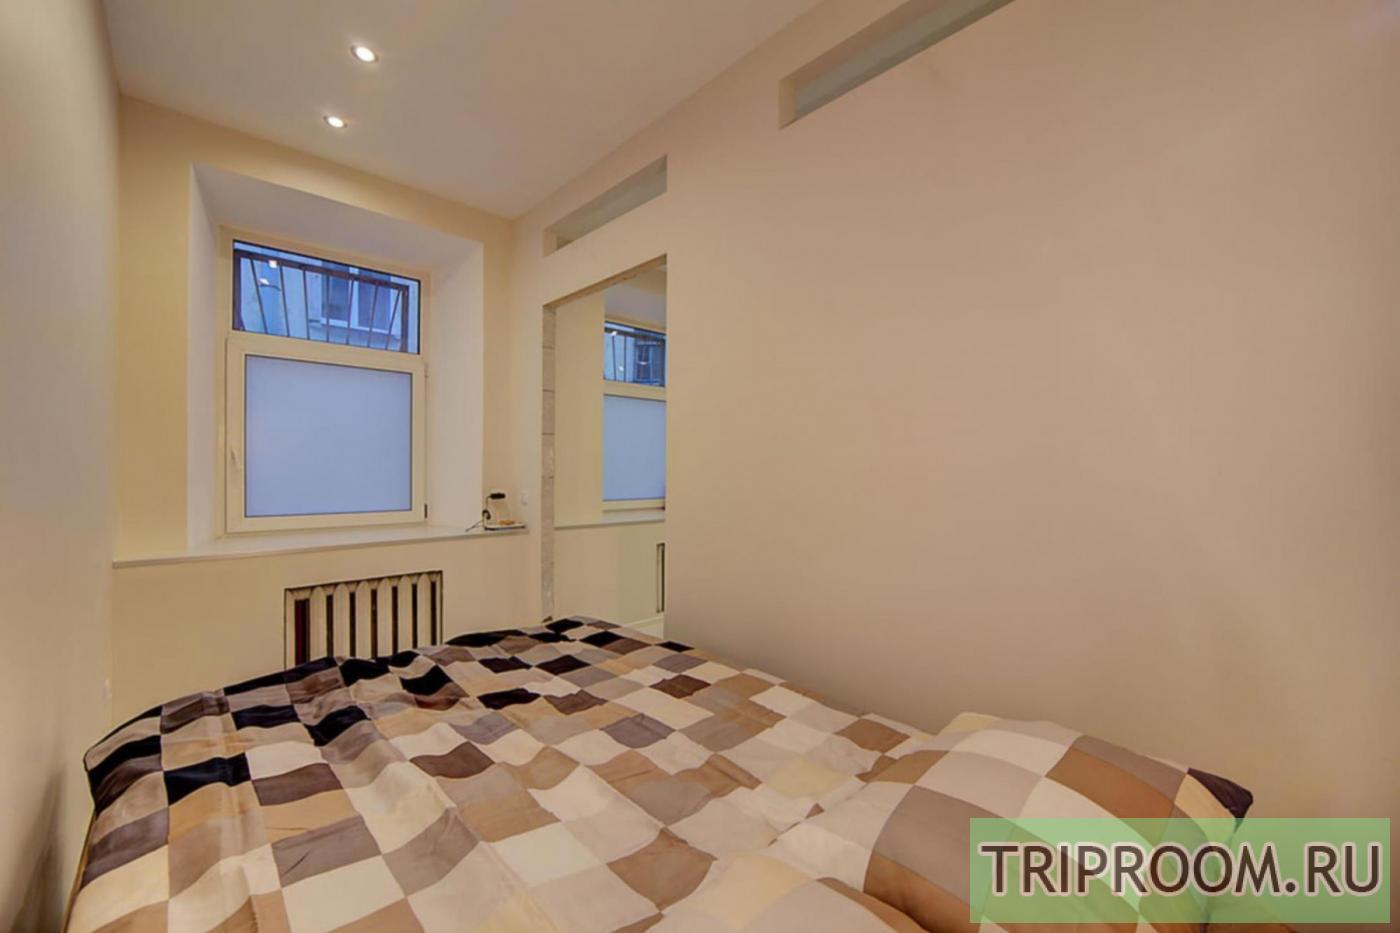 1-комнатная квартира посуточно (вариант № 33291), ул. Социалистическая ул, фото № 3